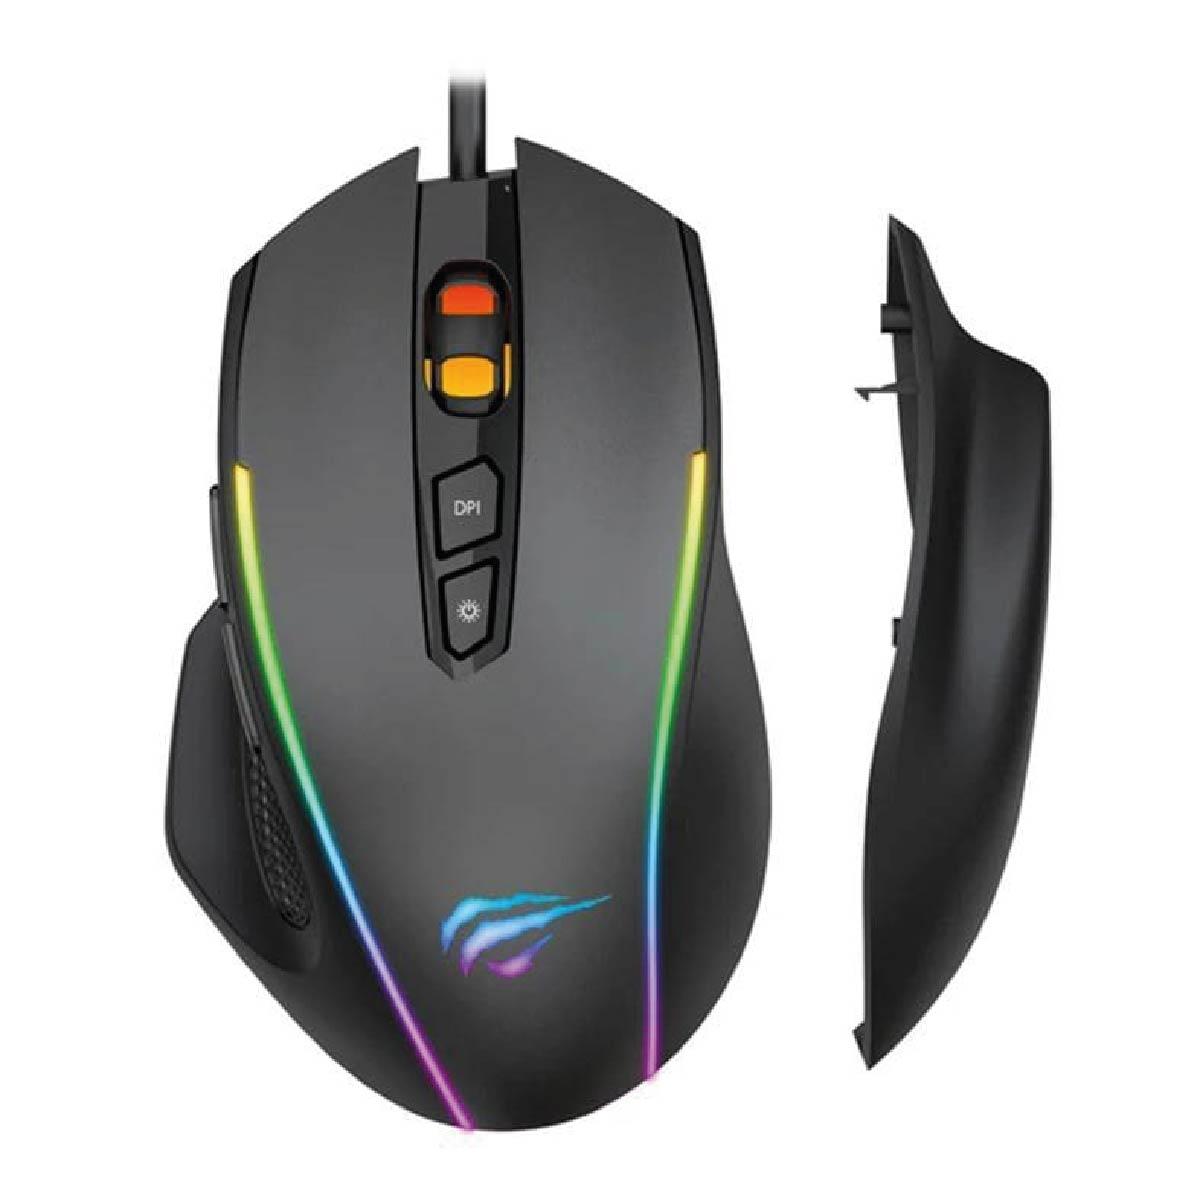 Mouse Gamer Havit Ms1011 LED RGB USB 7200DPI